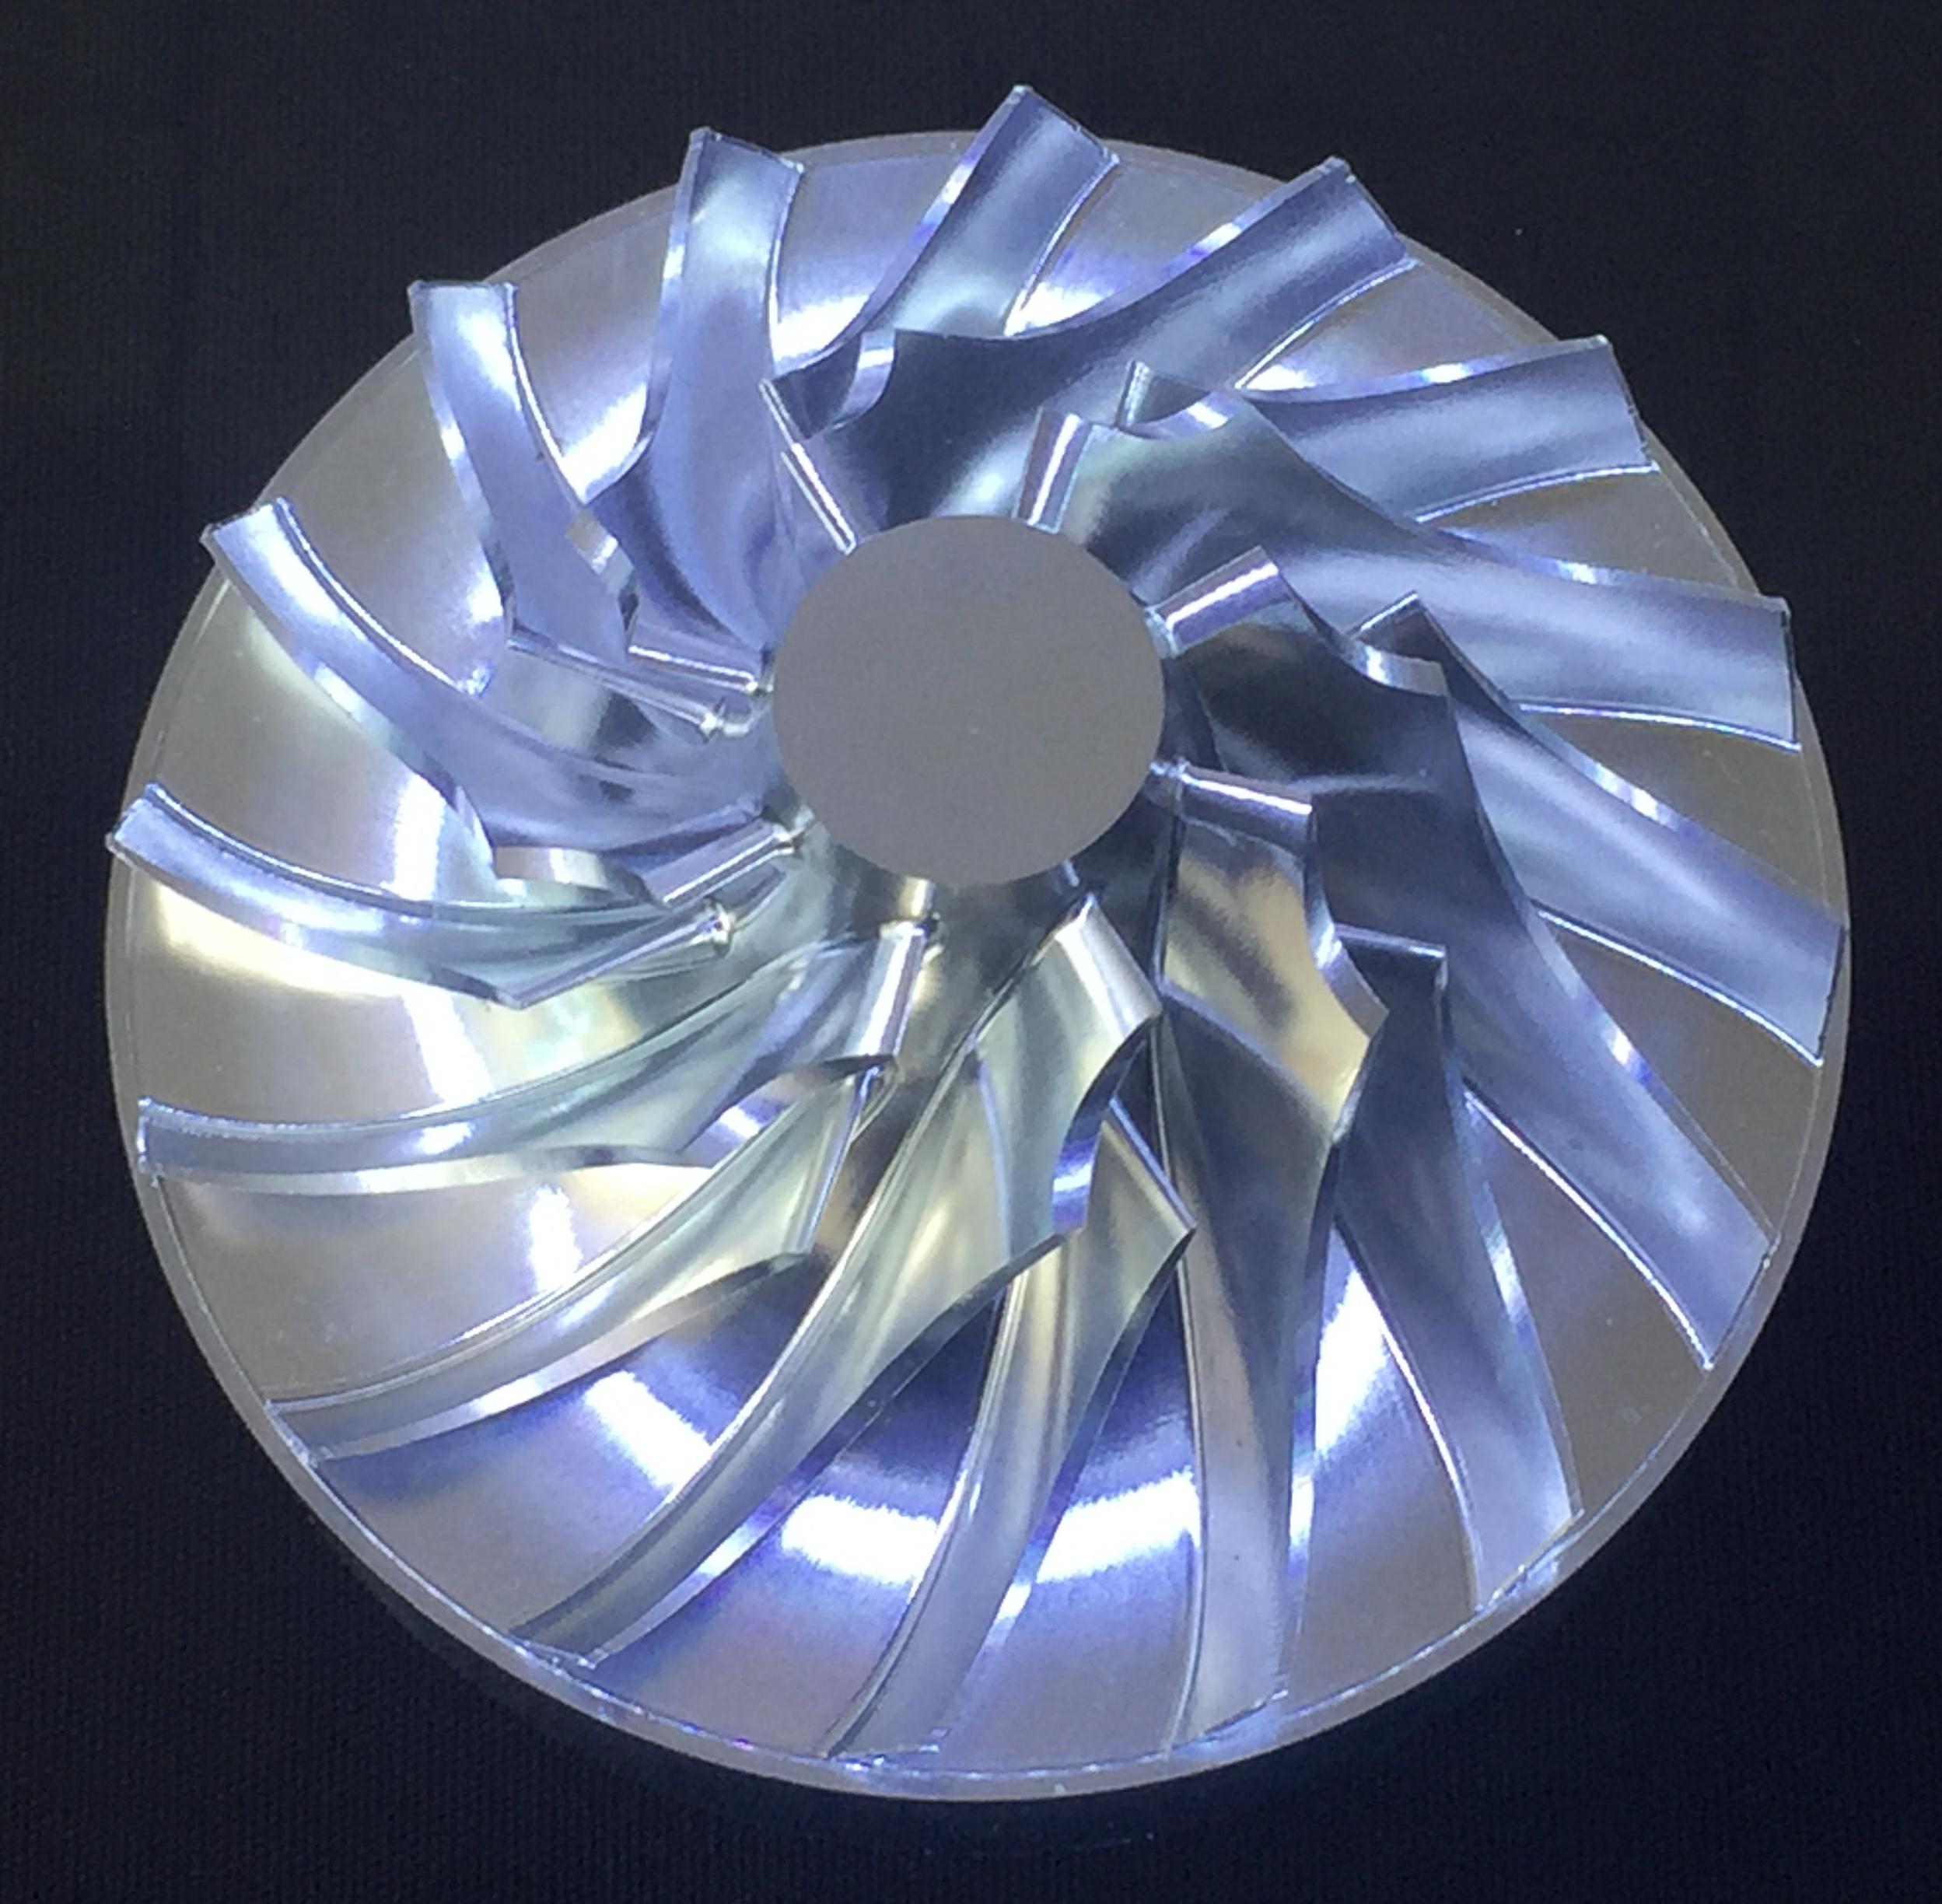 本原质料行业动态造纸旺季渐仰面能耗管控或致提供裁减